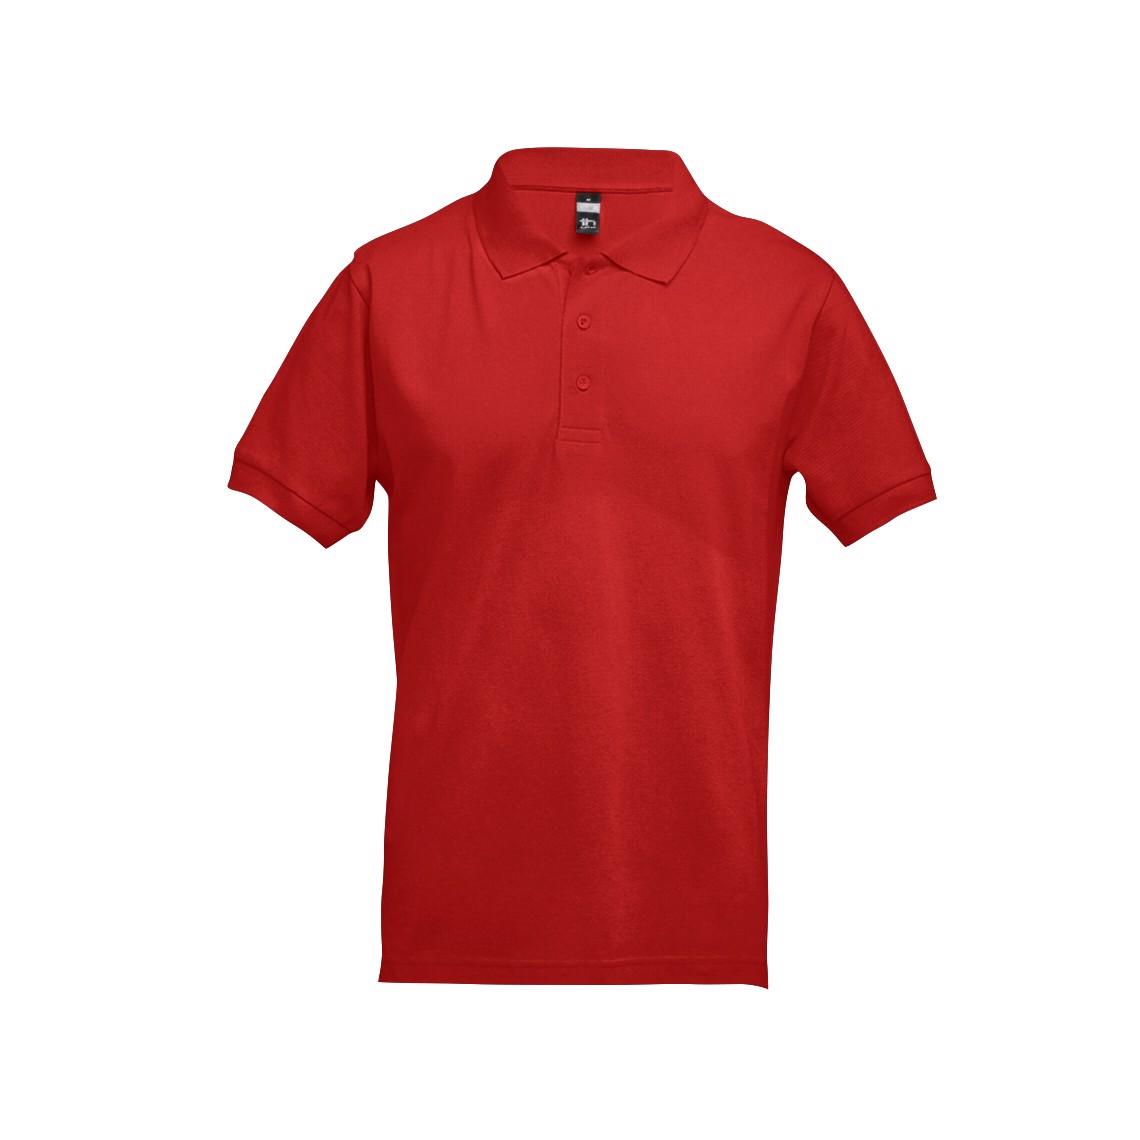 ADAM. Men's polo shirt - Red / XL